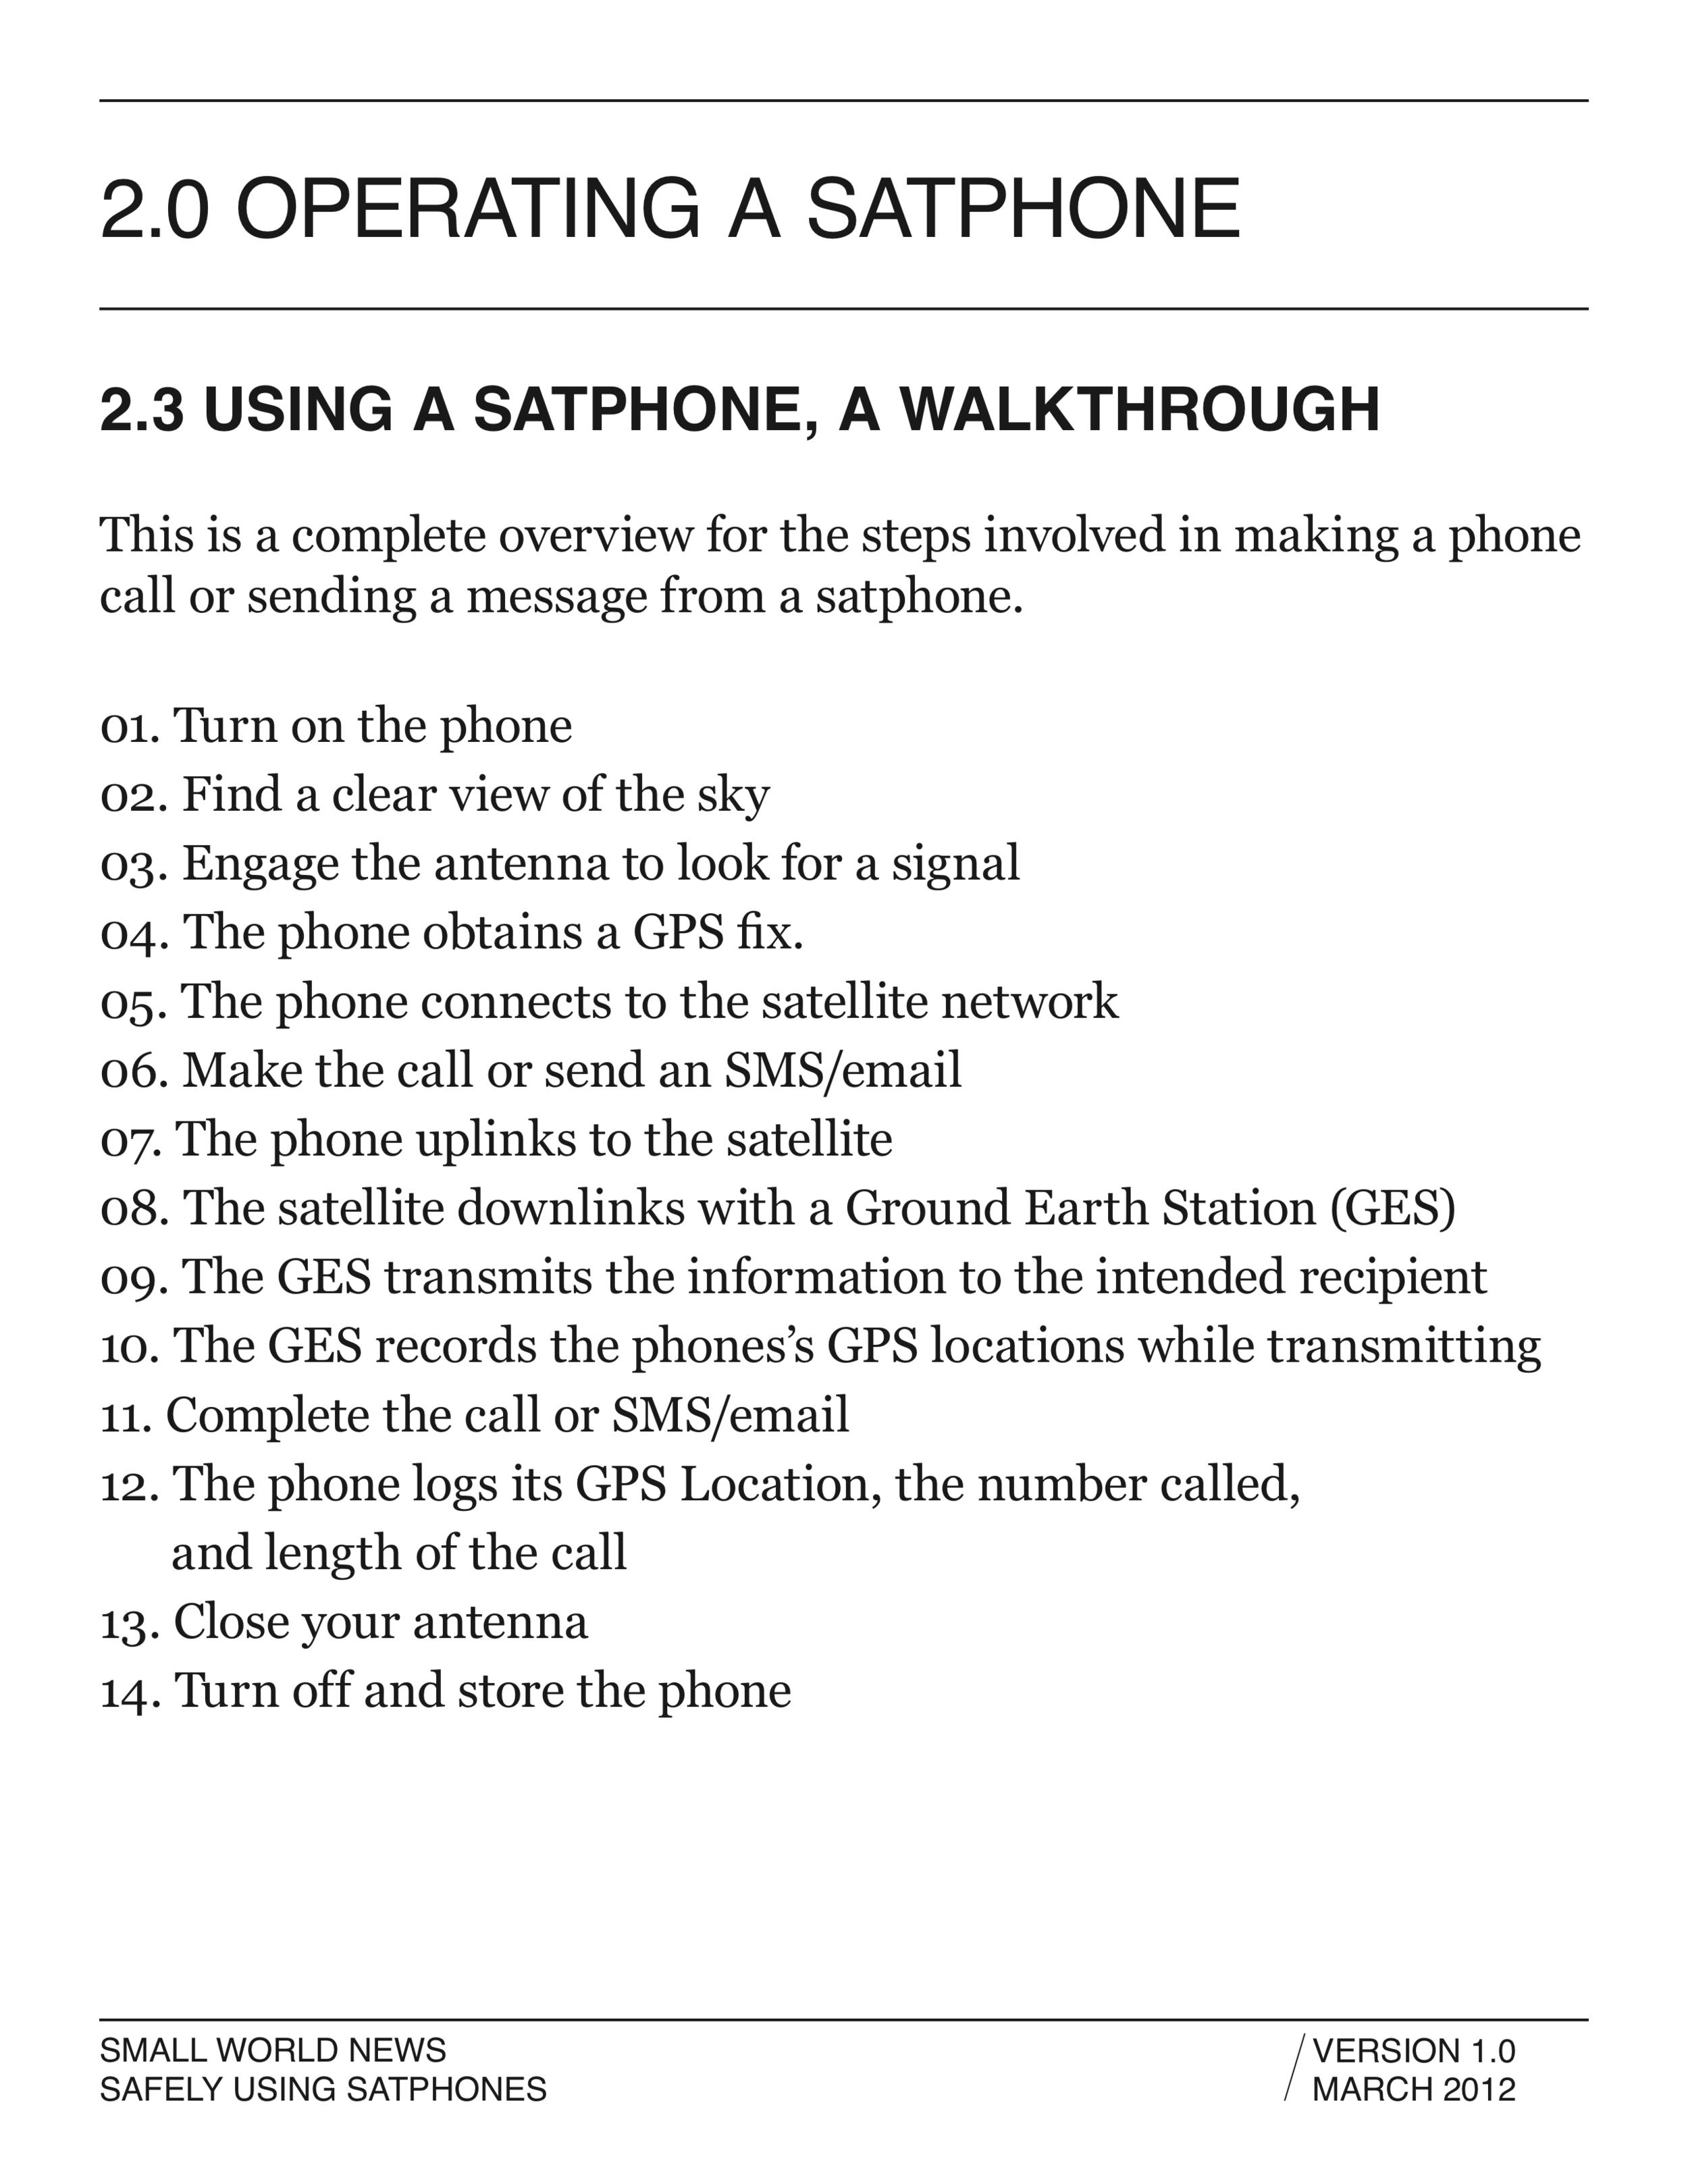 satphone 11.png